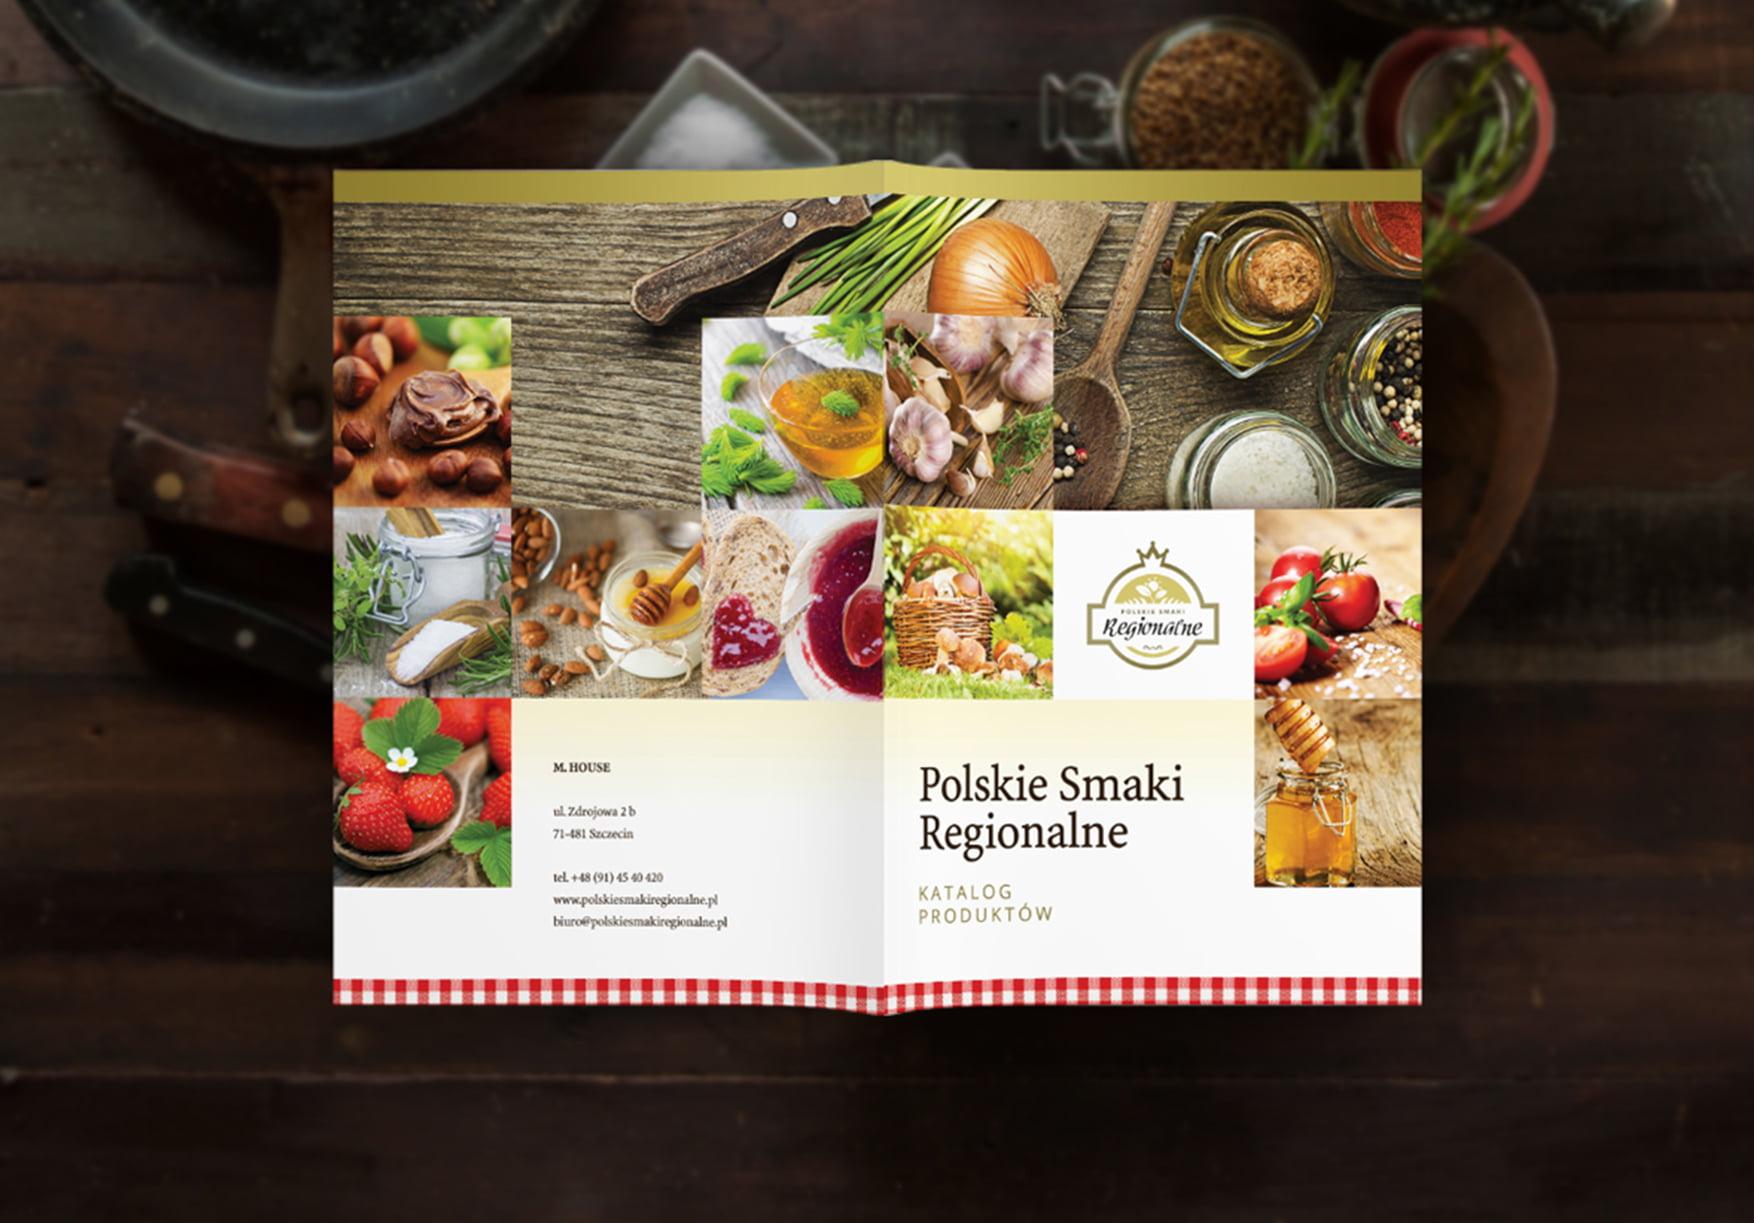 Polskie Smaki Regionalne